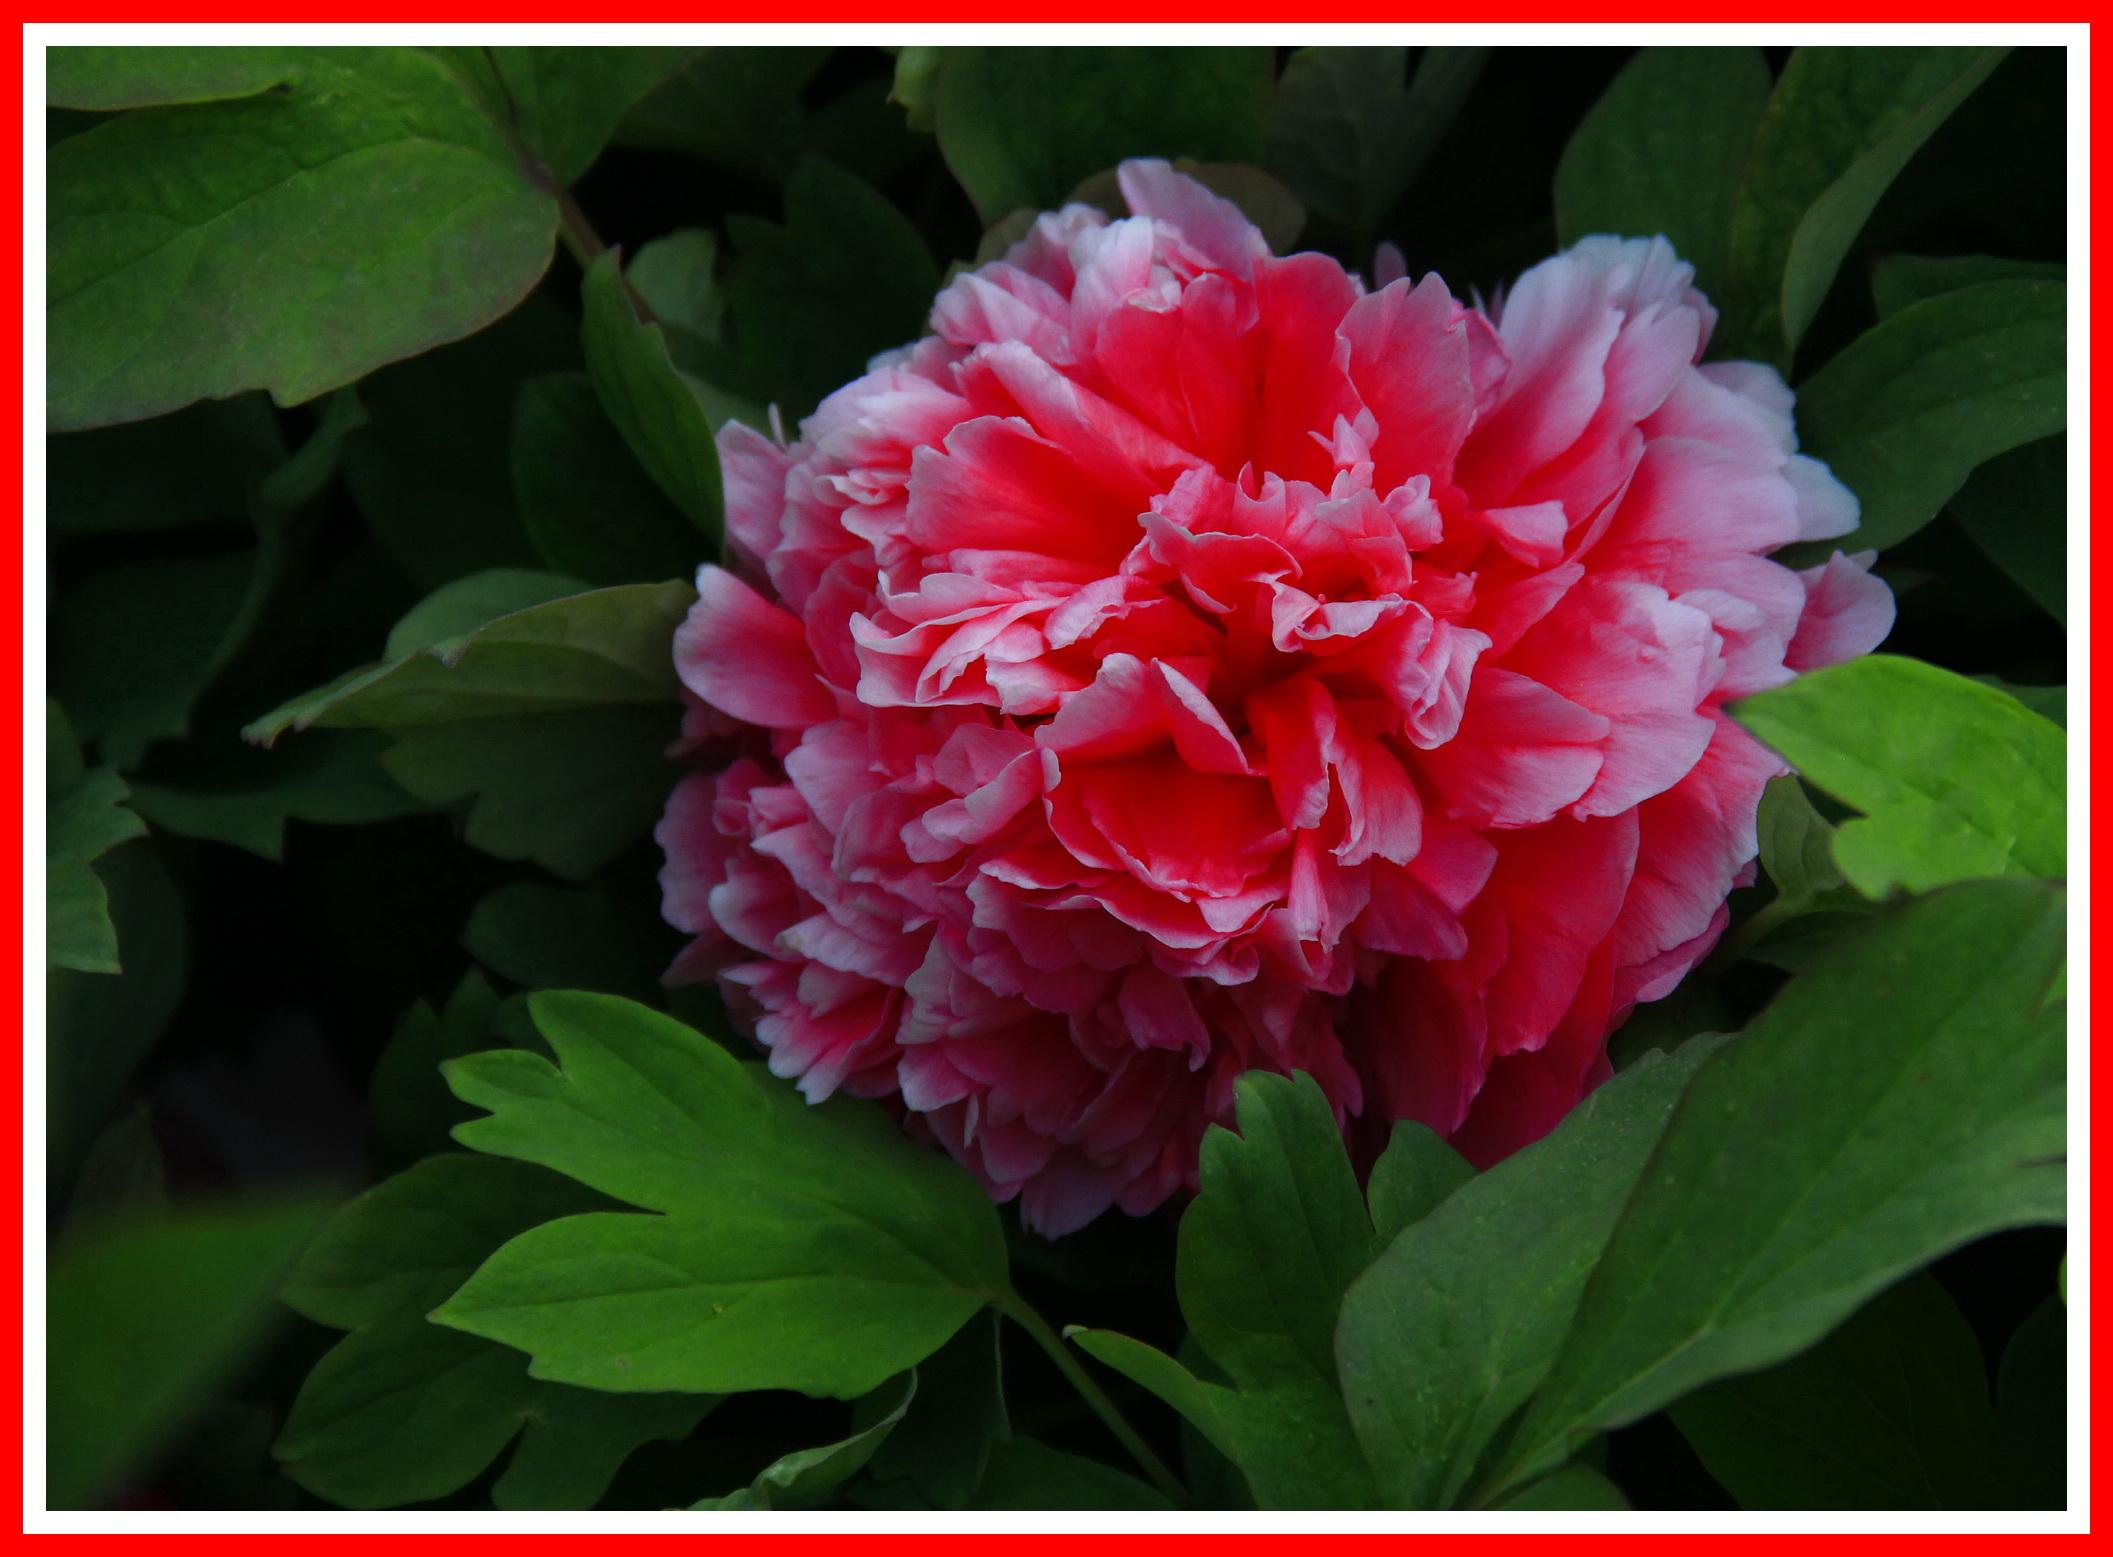 植物园拍牡丹花送上一群美女